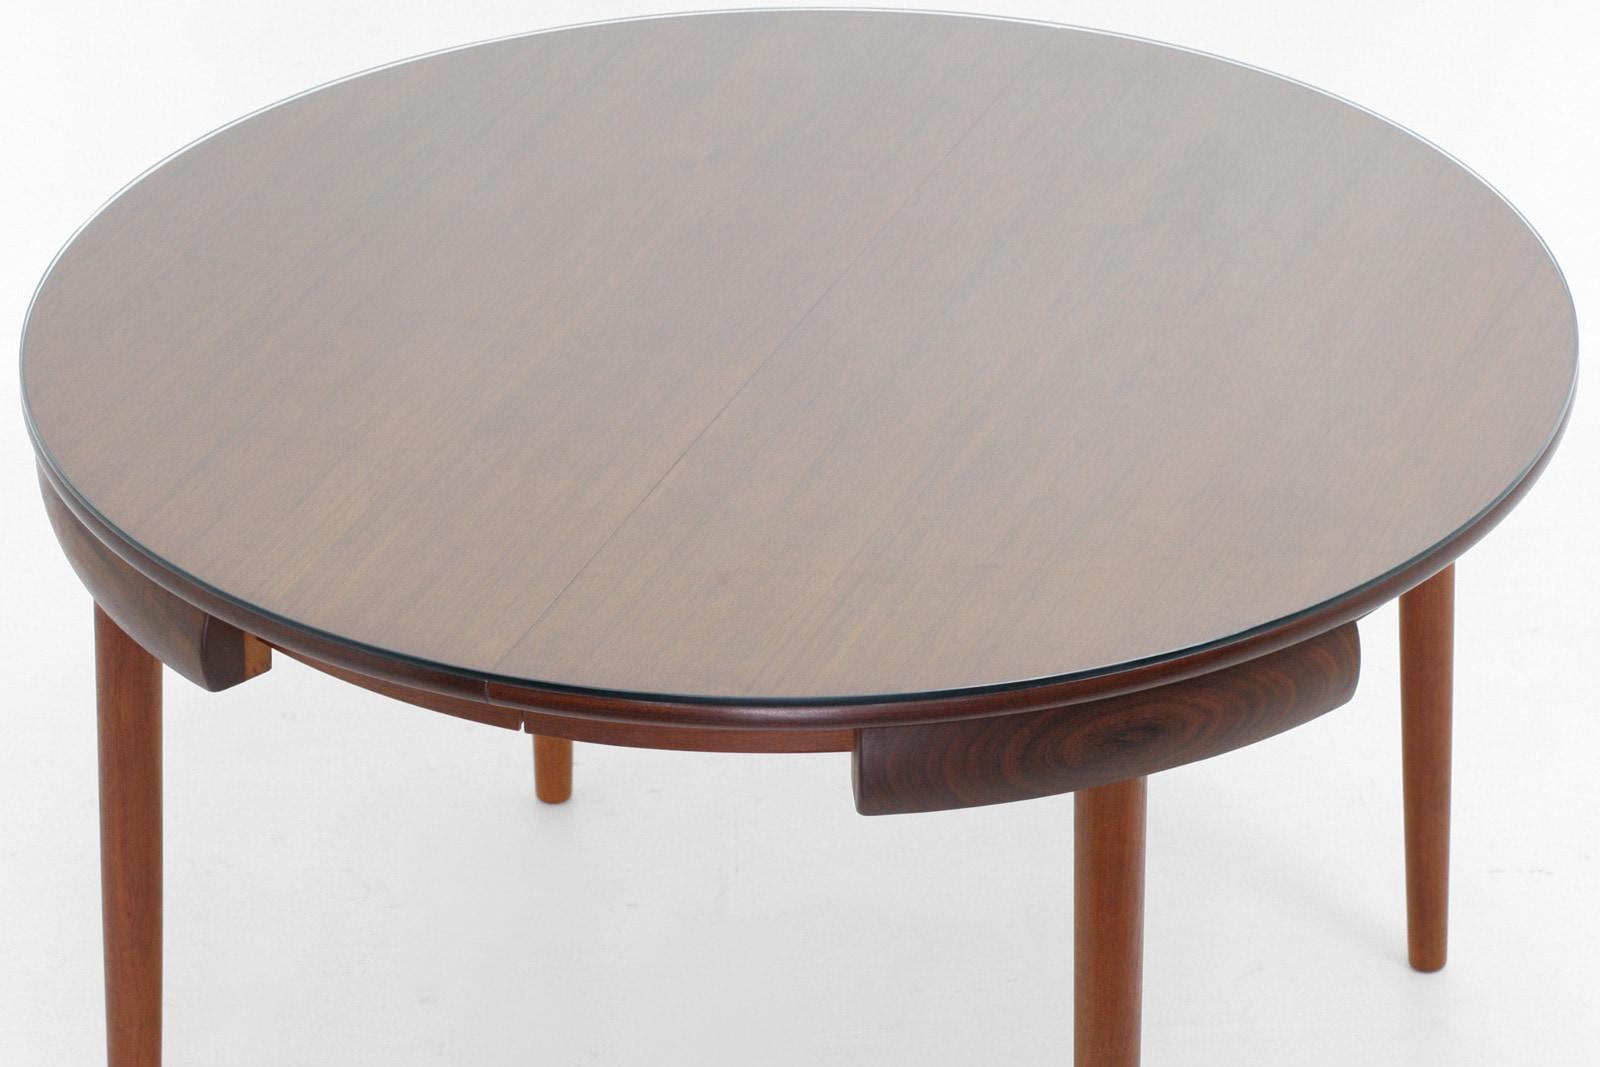 北欧,HansOlsen,ハンスオルセン,ダイニングテーブル,丸型